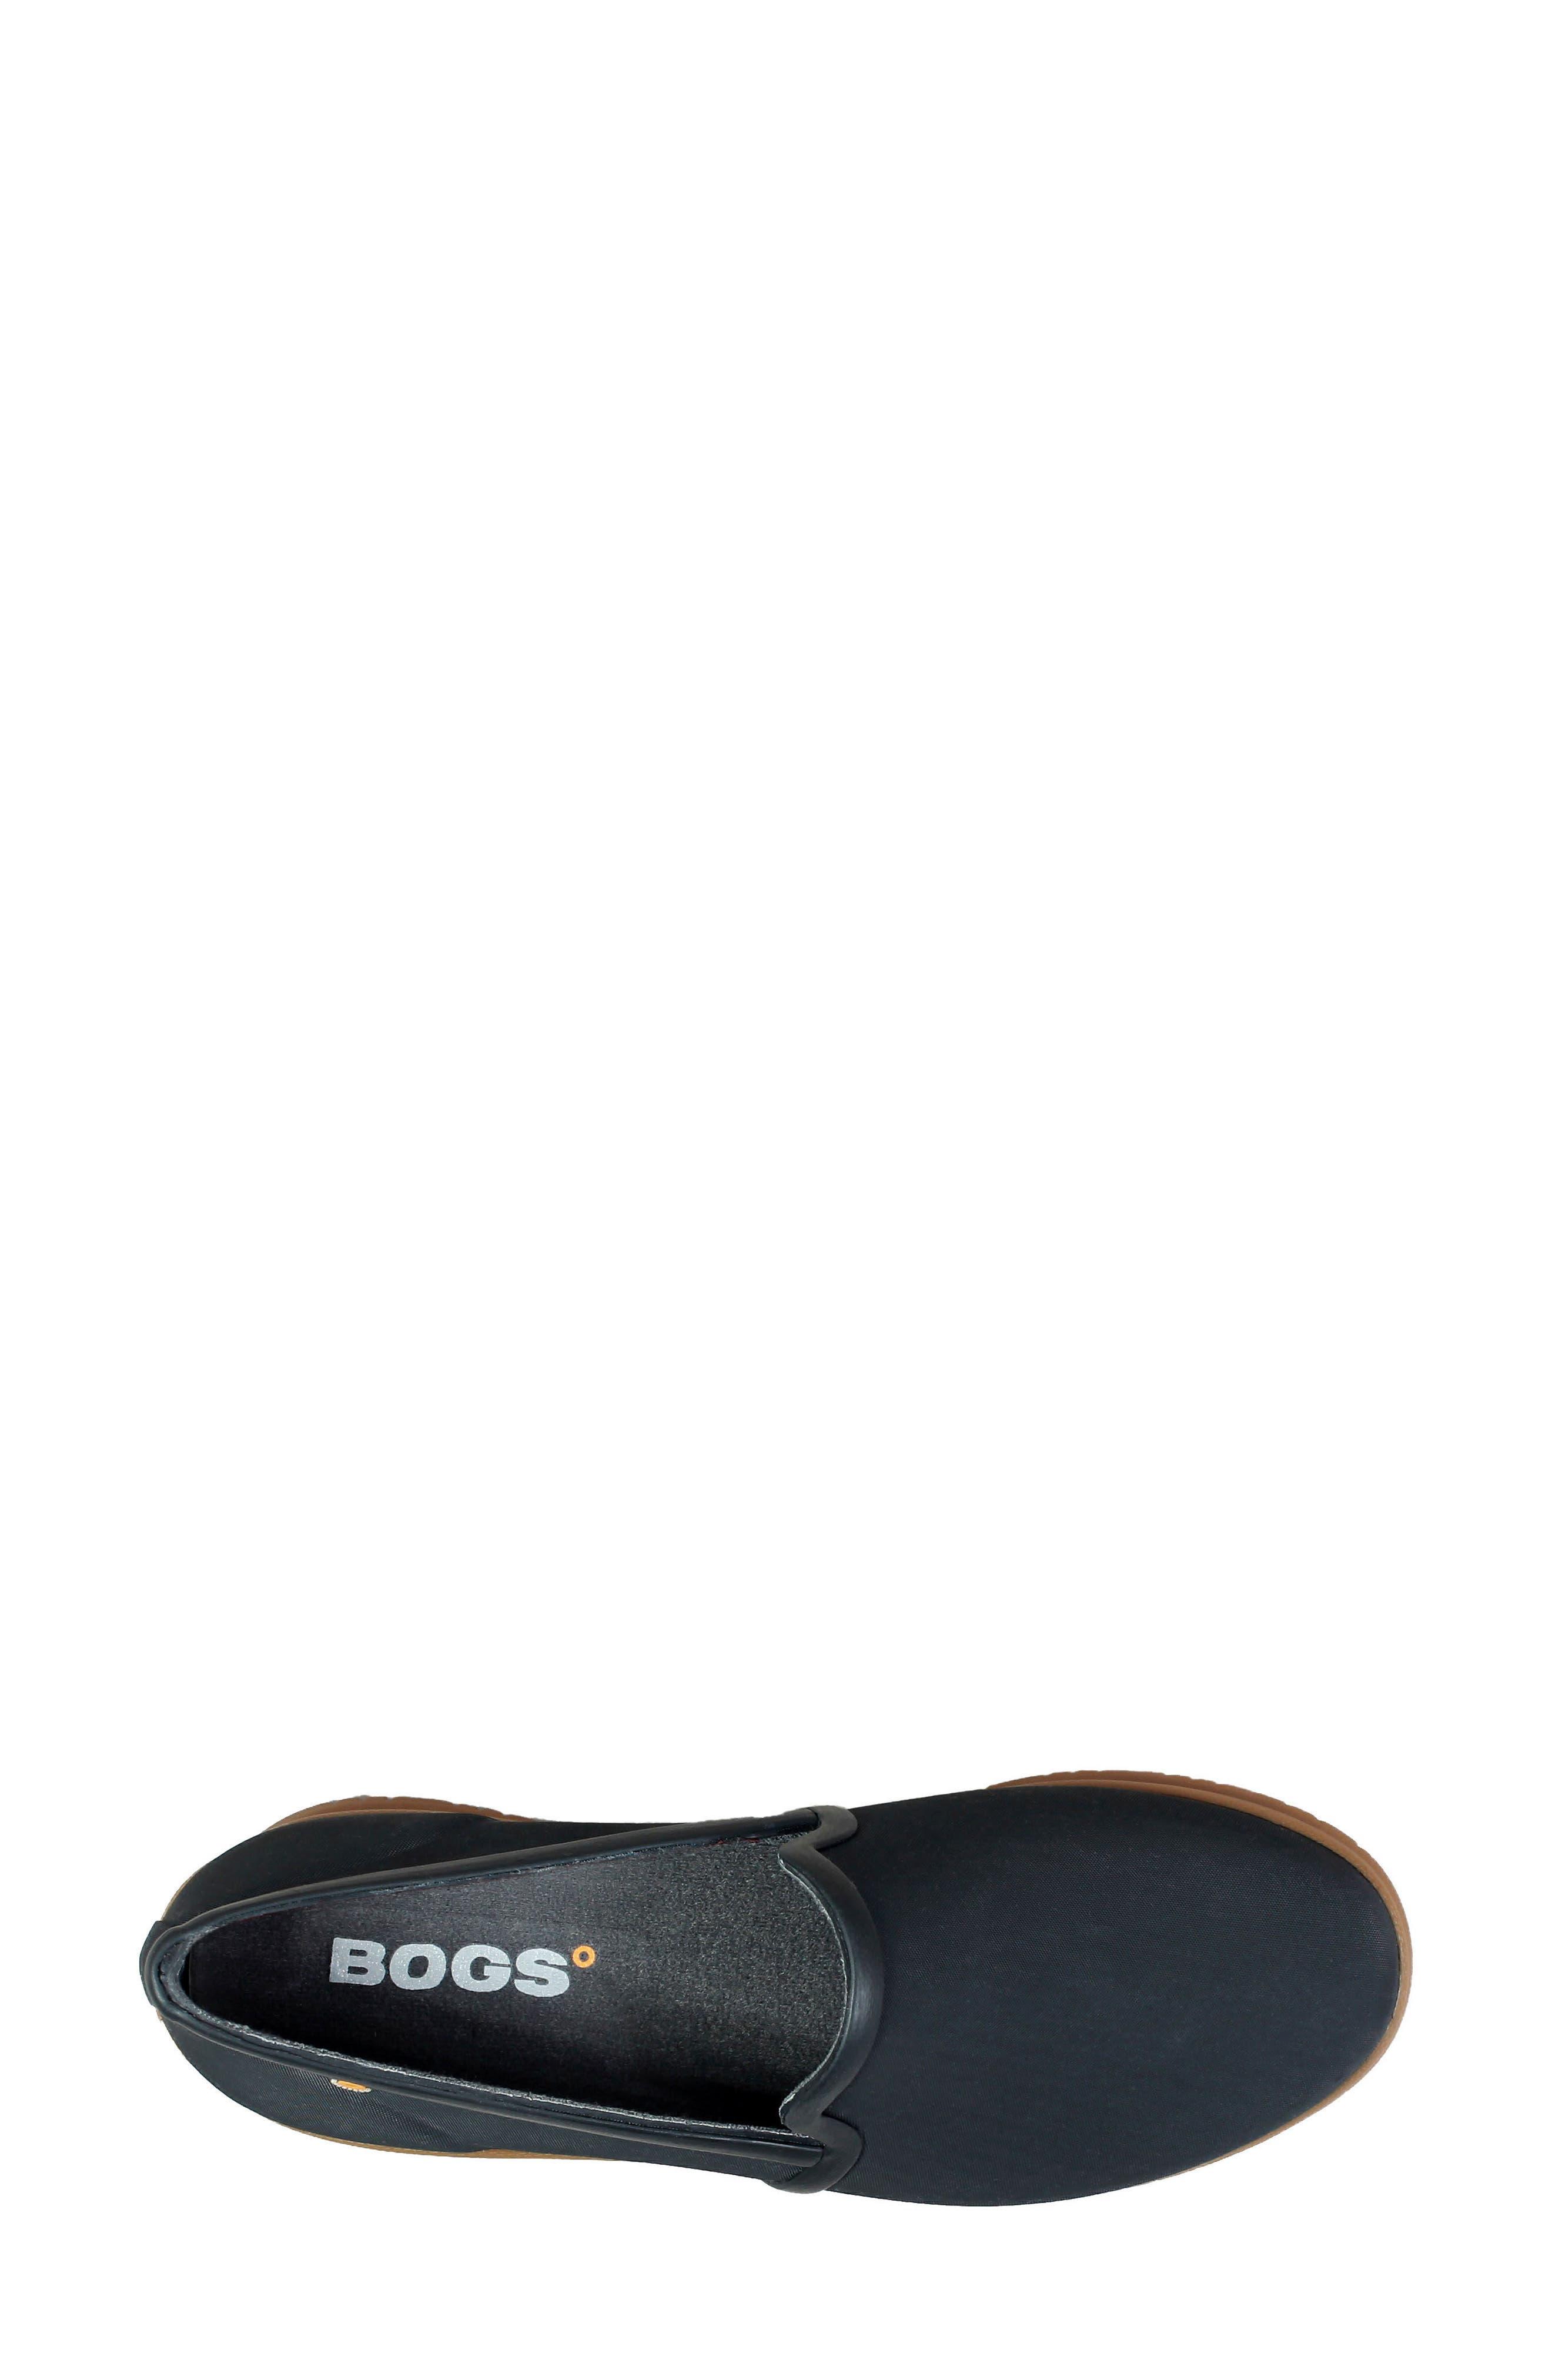 Sweetpea Waterproof Slip-On Sneaker,                             Alternate thumbnail 5, color,                             BLACK FABRIC